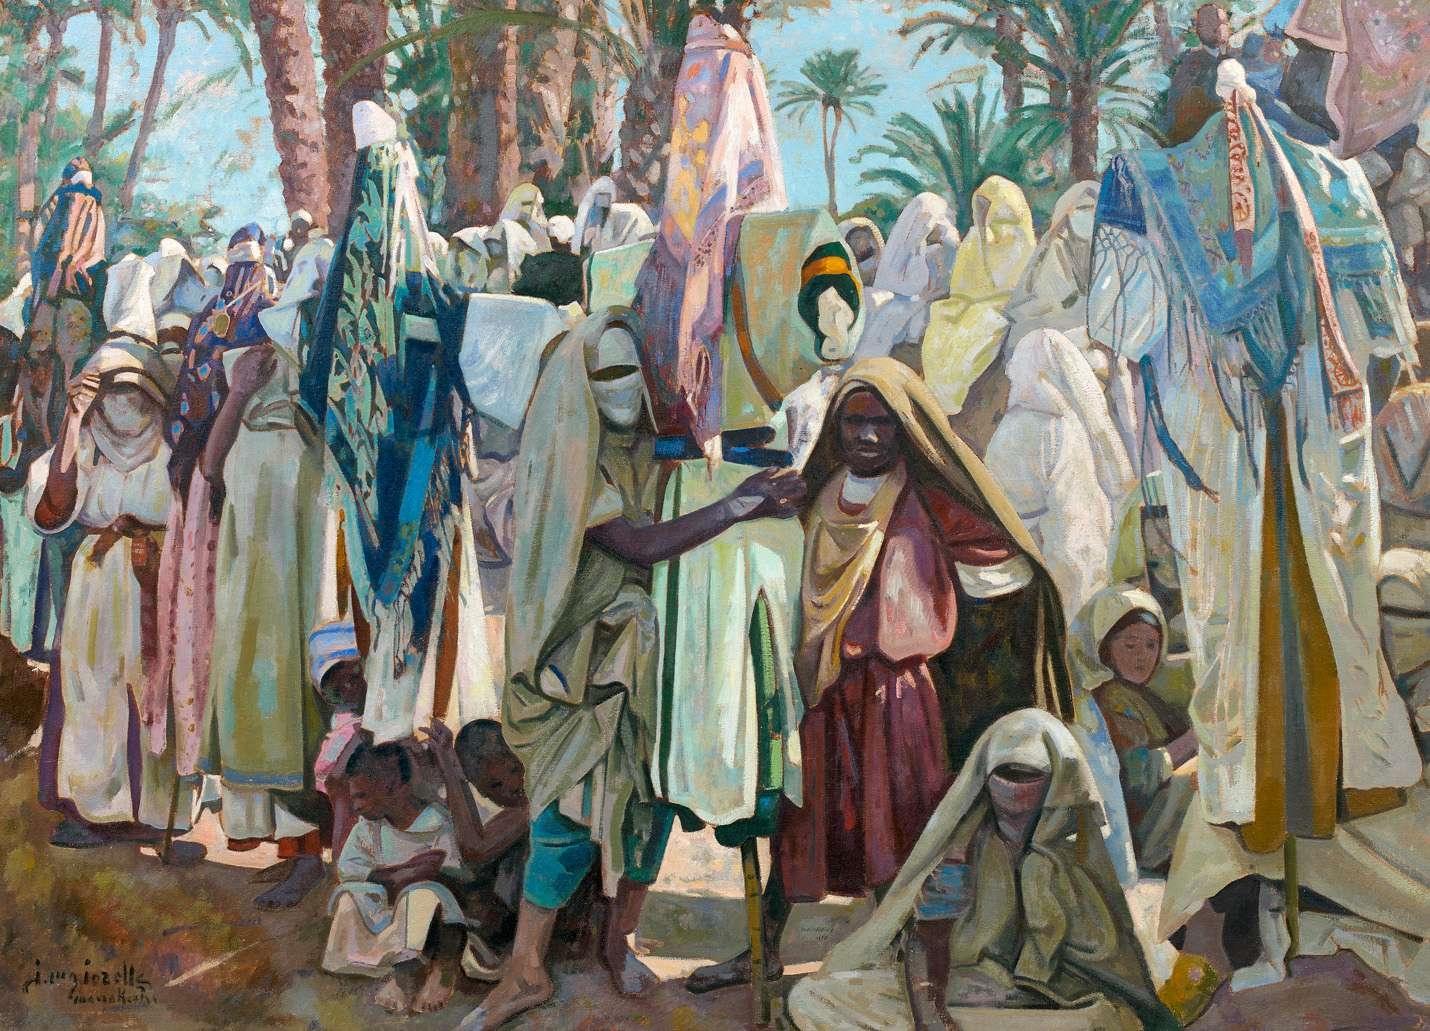 Jacques Majorelle Les Allamattes - Marrakech